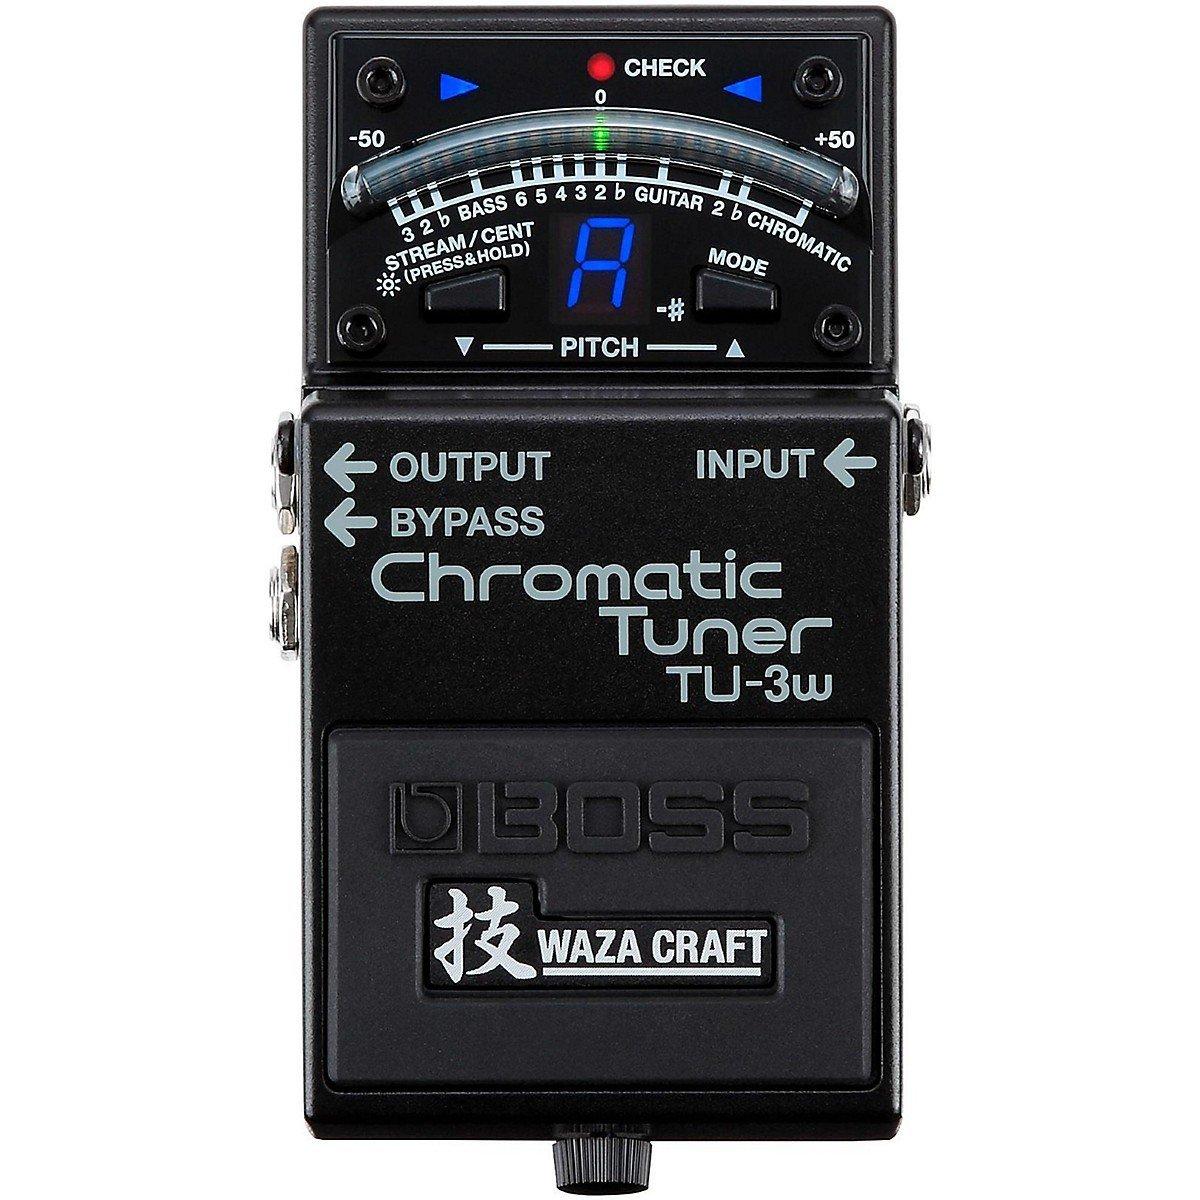 Accordeur chromatique Waza Craft de Boss TU-3W avec pédale de accordeur de guitare et de basse avec étui de pédale Bonus gratuit